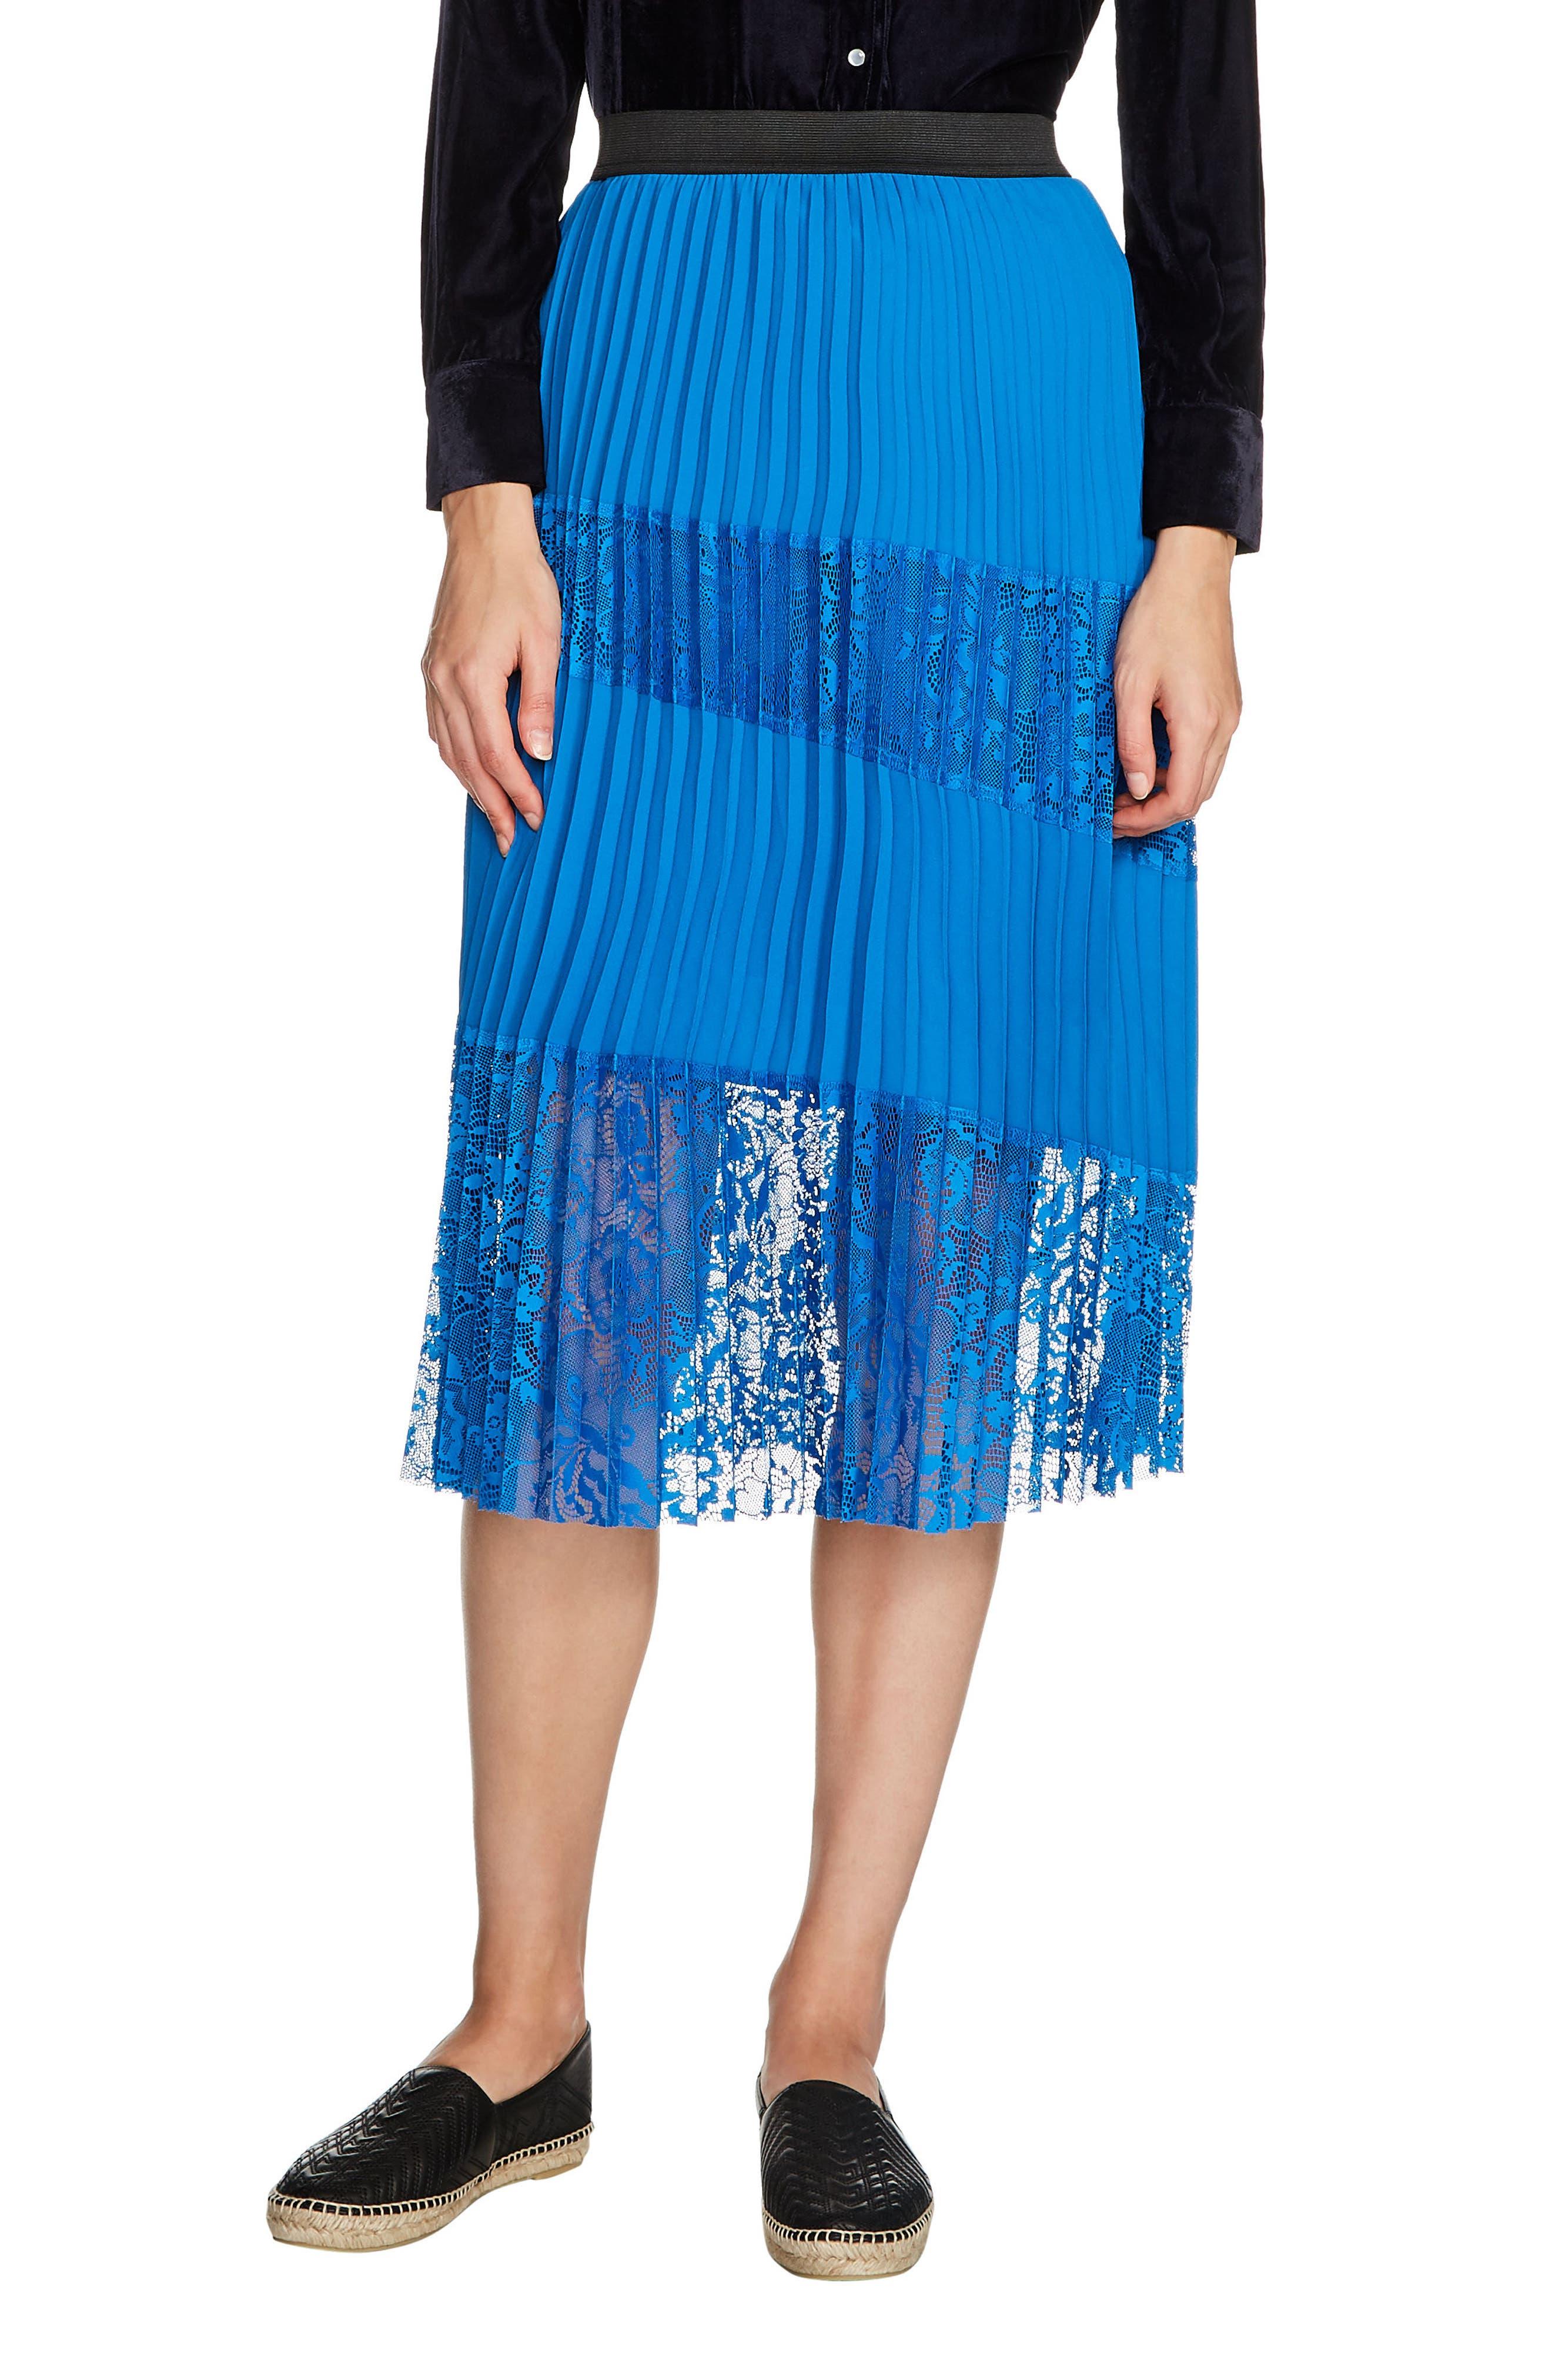 Jarane Lace Inset Pleated Midi Skirt,                             Main thumbnail 1, color,                             Bleu